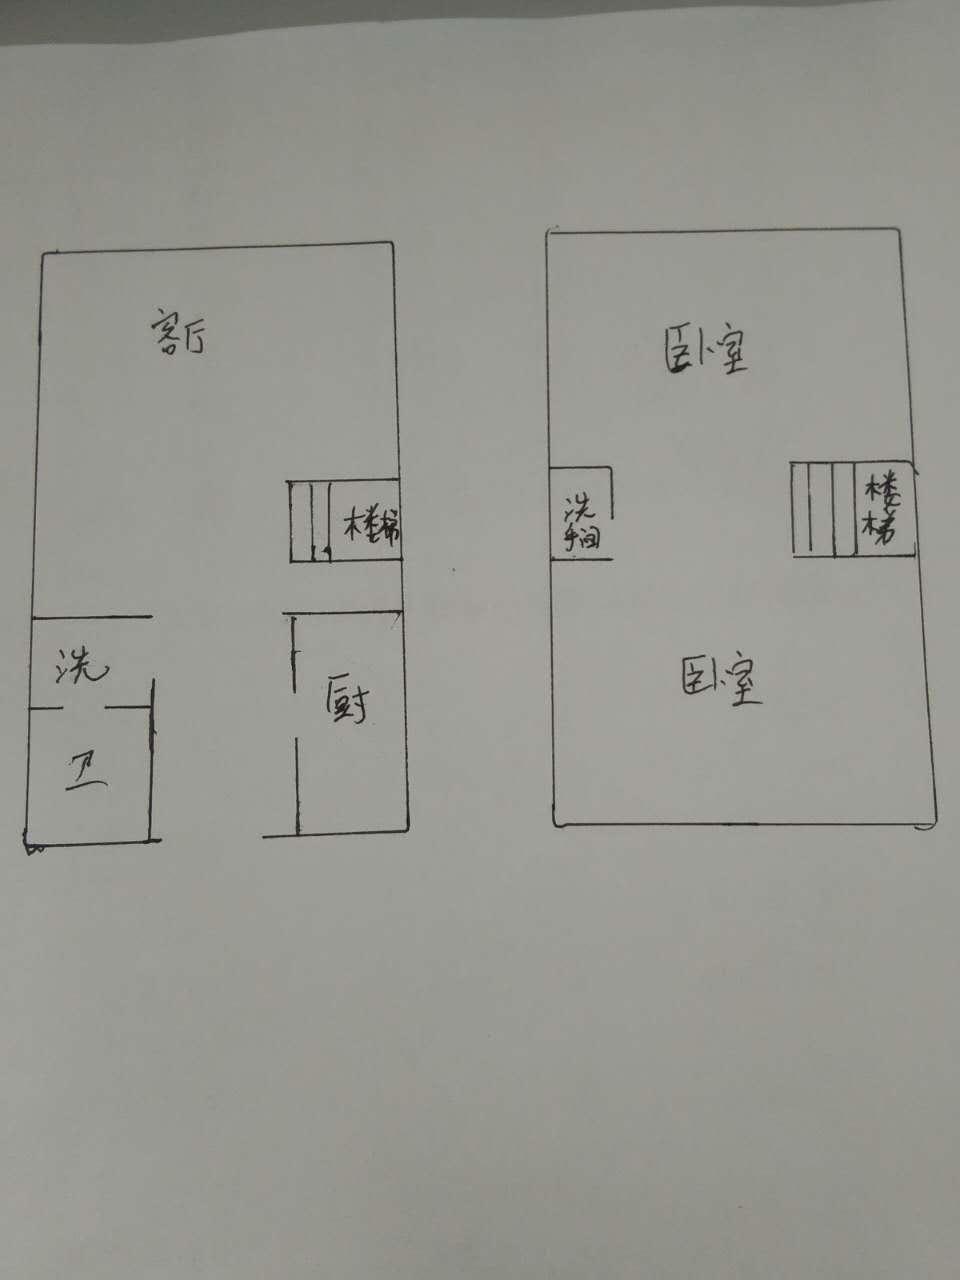 未来城 2室1厅 9楼